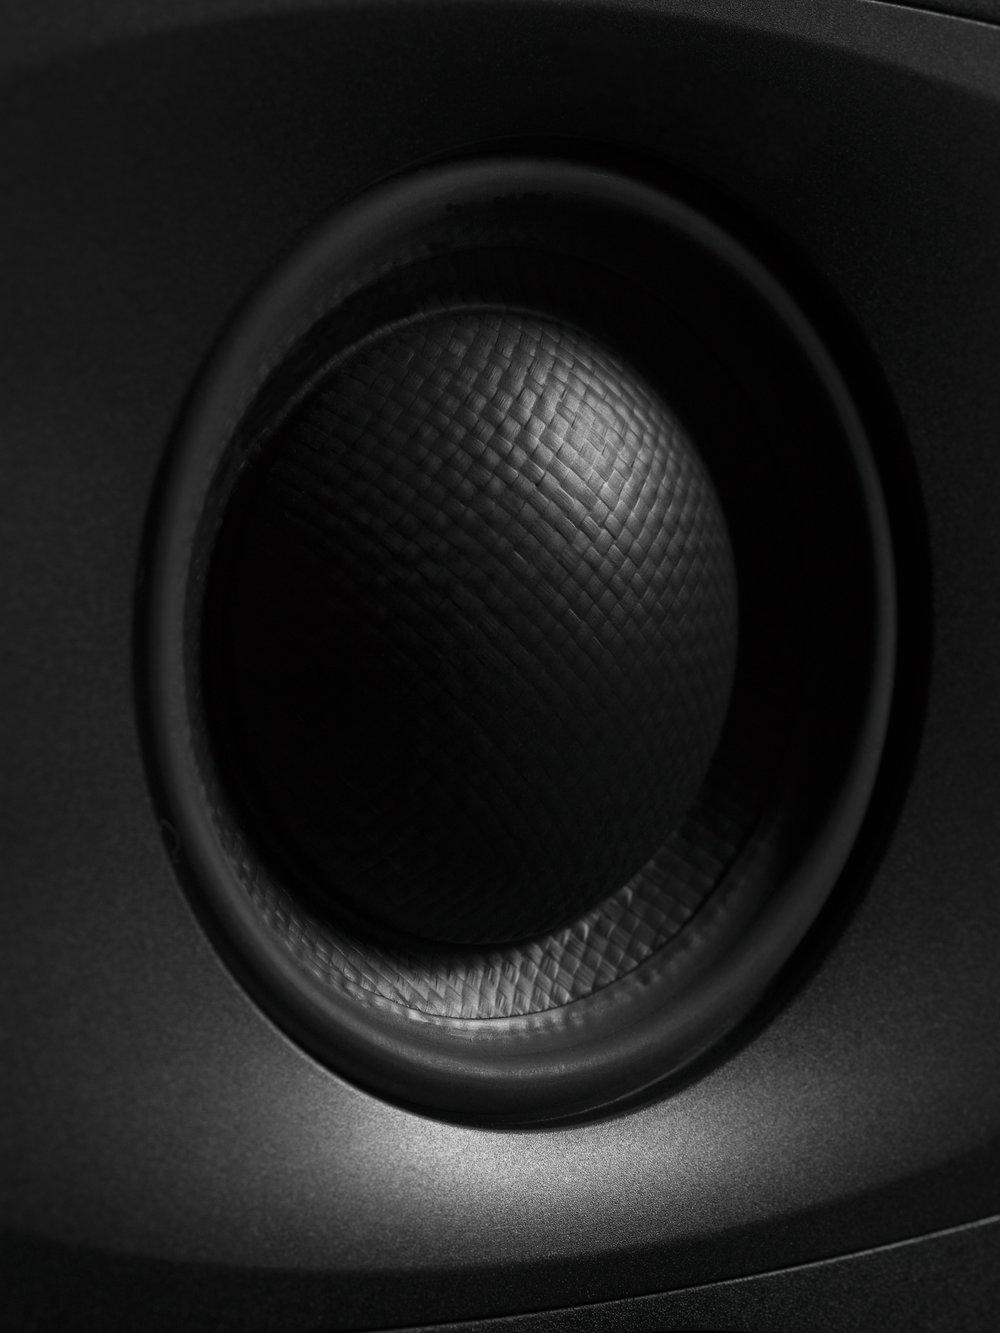 Mellanregisterelementet är också nyutvecklat och är en blandning mellan högtalarkon och högtalardom.